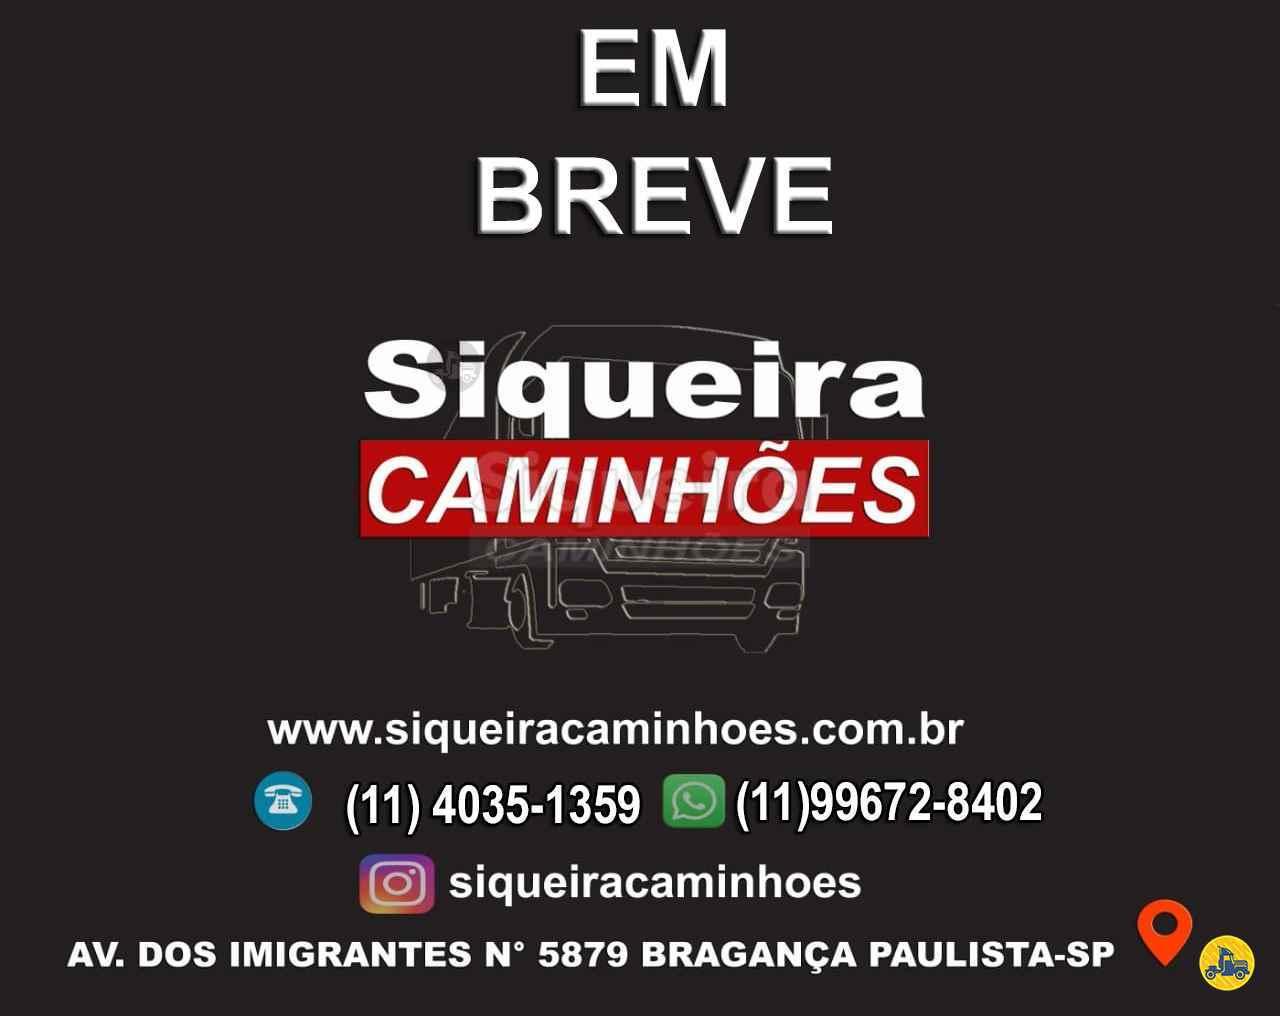 CAMINHAO MERCEDES-BENZ MB 1620 Baú Furgão Truck 6x2 Siqueira Caminhões BRAGANCA PAULISTA SÃO PAULO SP